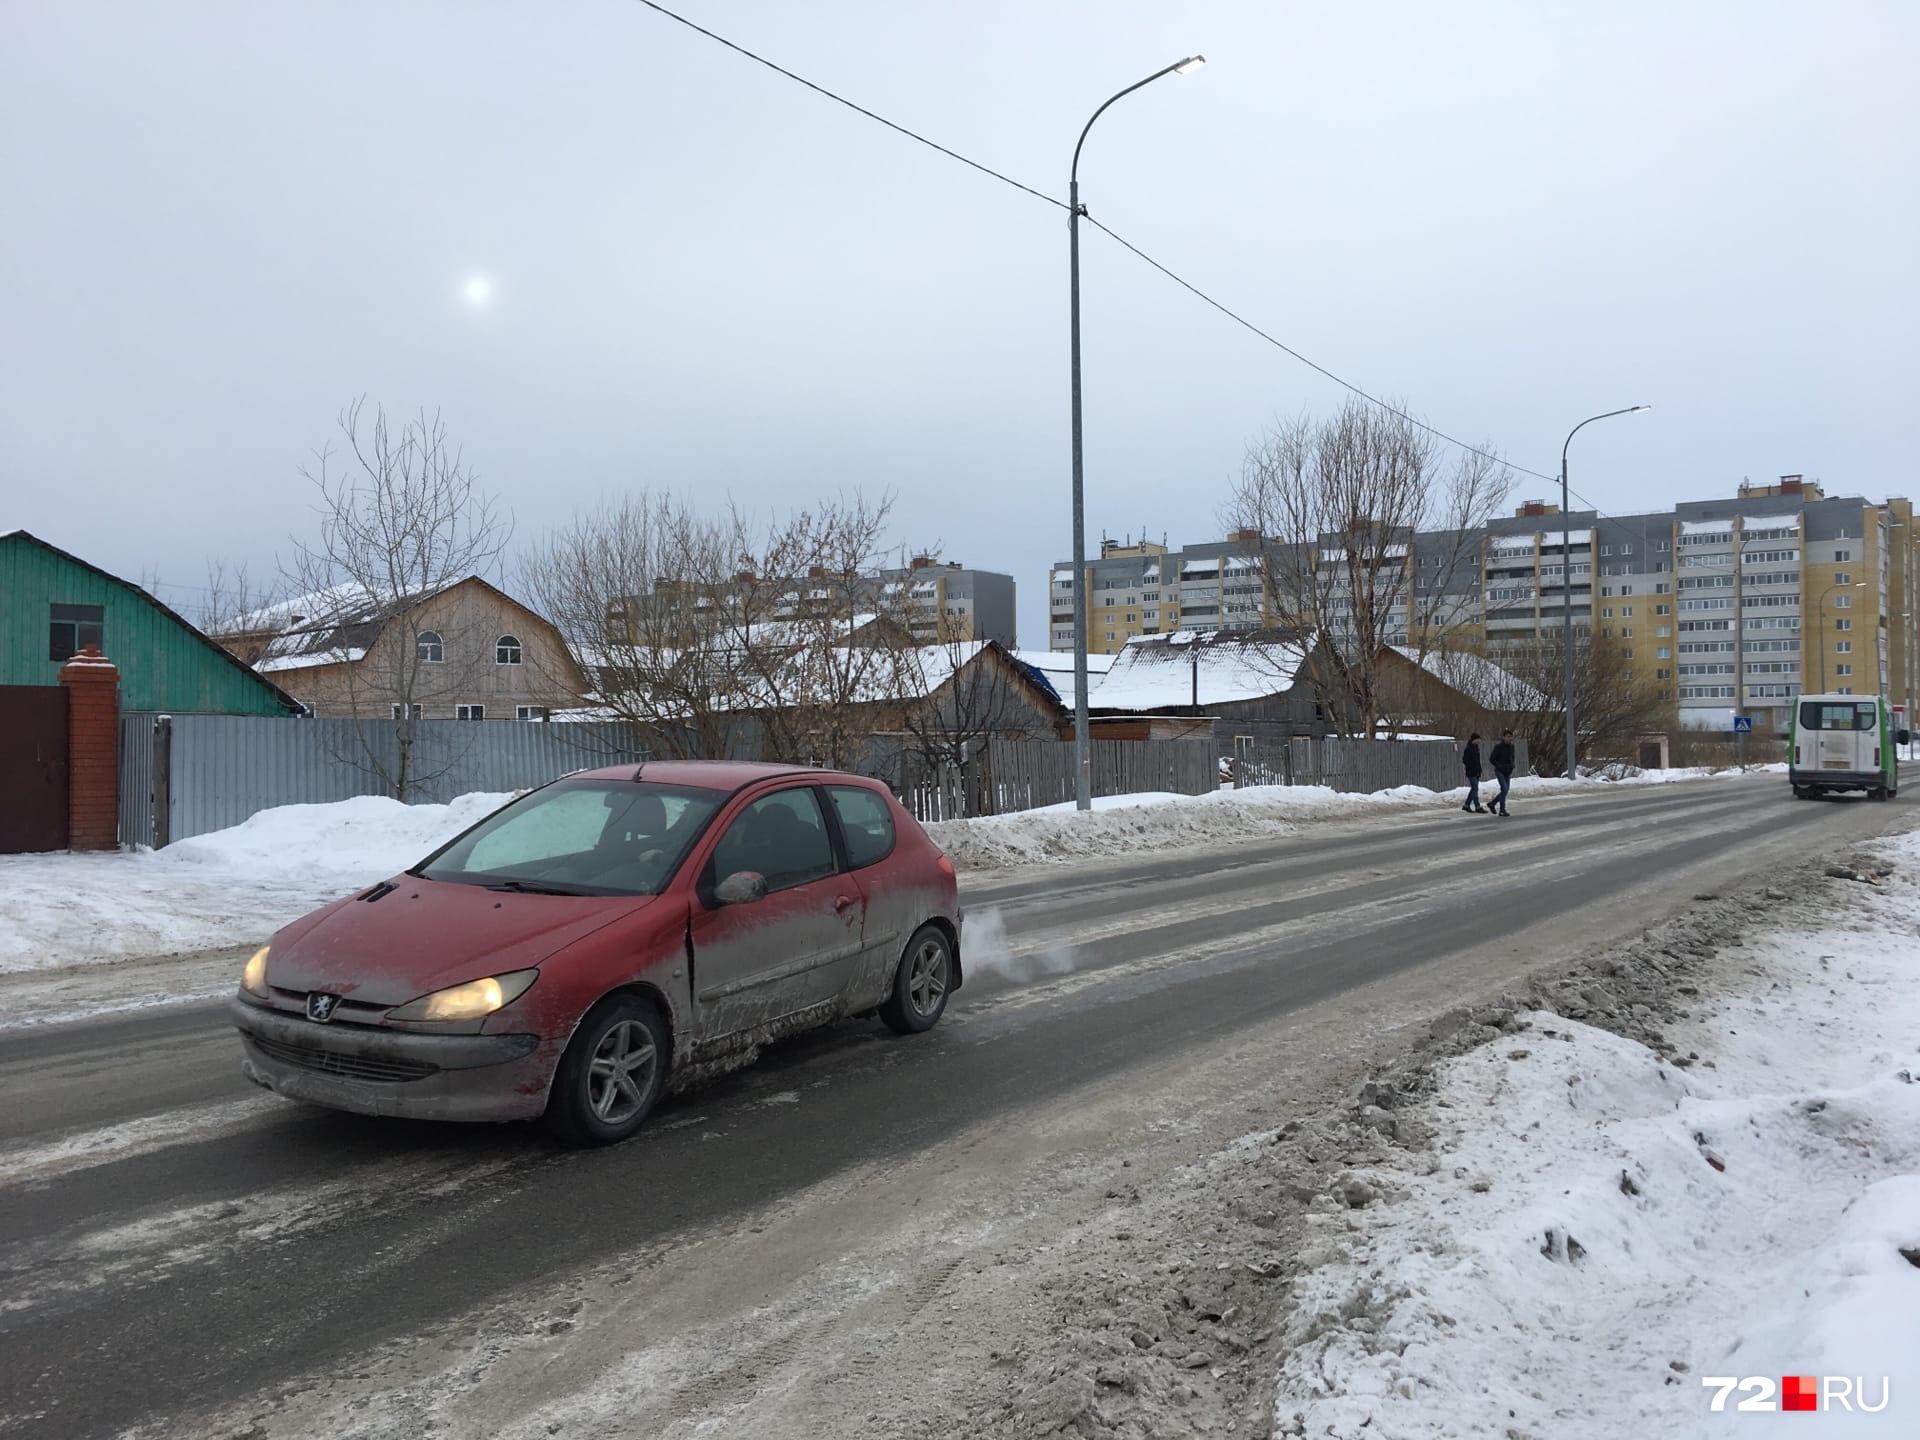 Сейчас на дороге стоят дорожные знаки и идут ремонтные работы на электросетях. Признаков, что здесь вчера было страшное ДТП, нет. Машины всё так же ездят, а пешеходы перебегают дорогу — не всегда в положенном месте